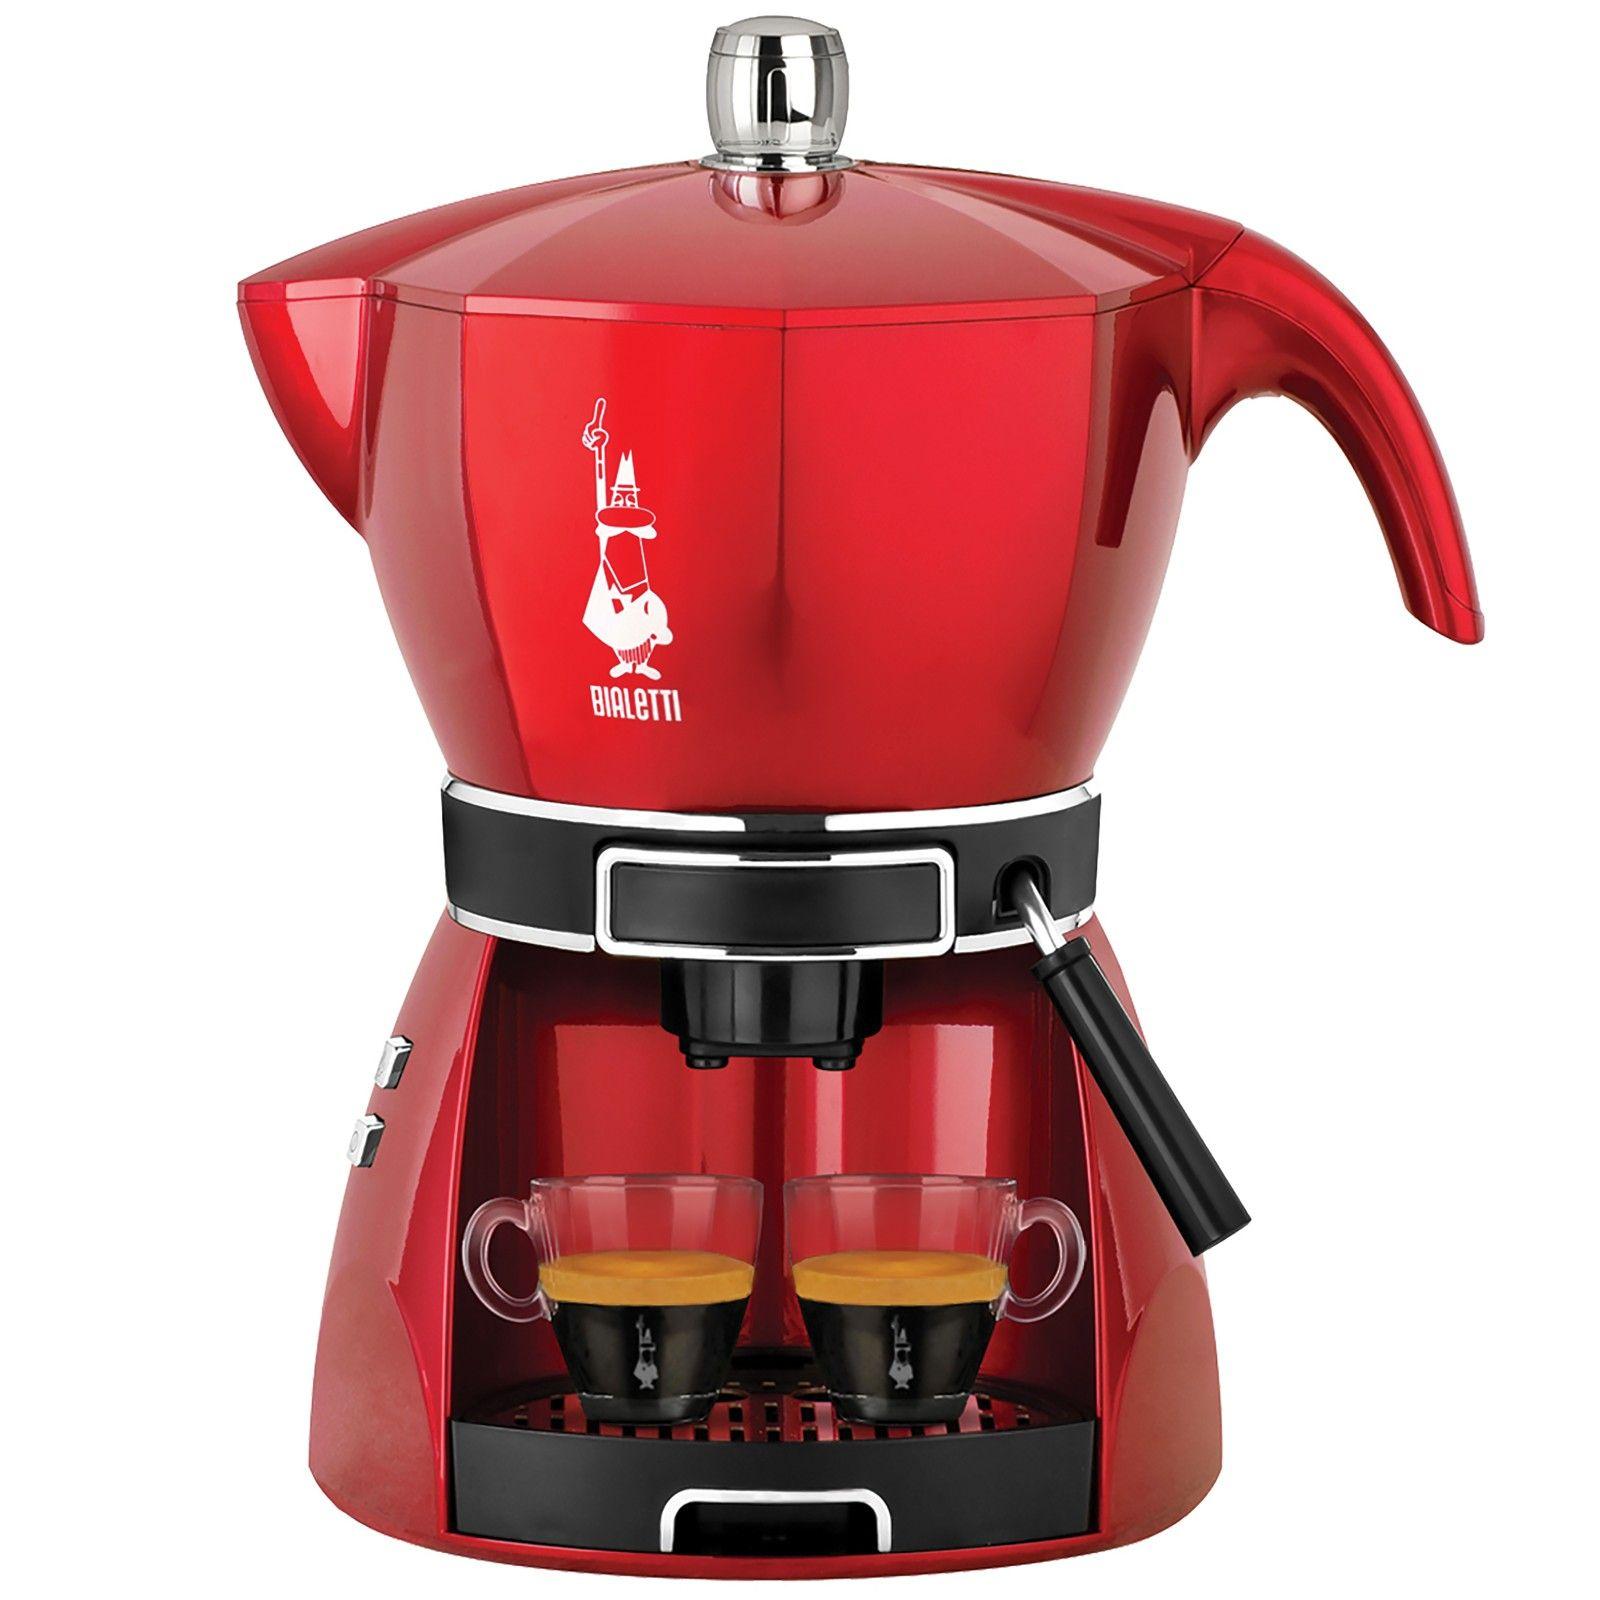 Justmoment BIALETTI MOKISSIMA TRIO MACCHINA CAFFE POLVERE CIALDE CAPSULE CF43 ROSSA